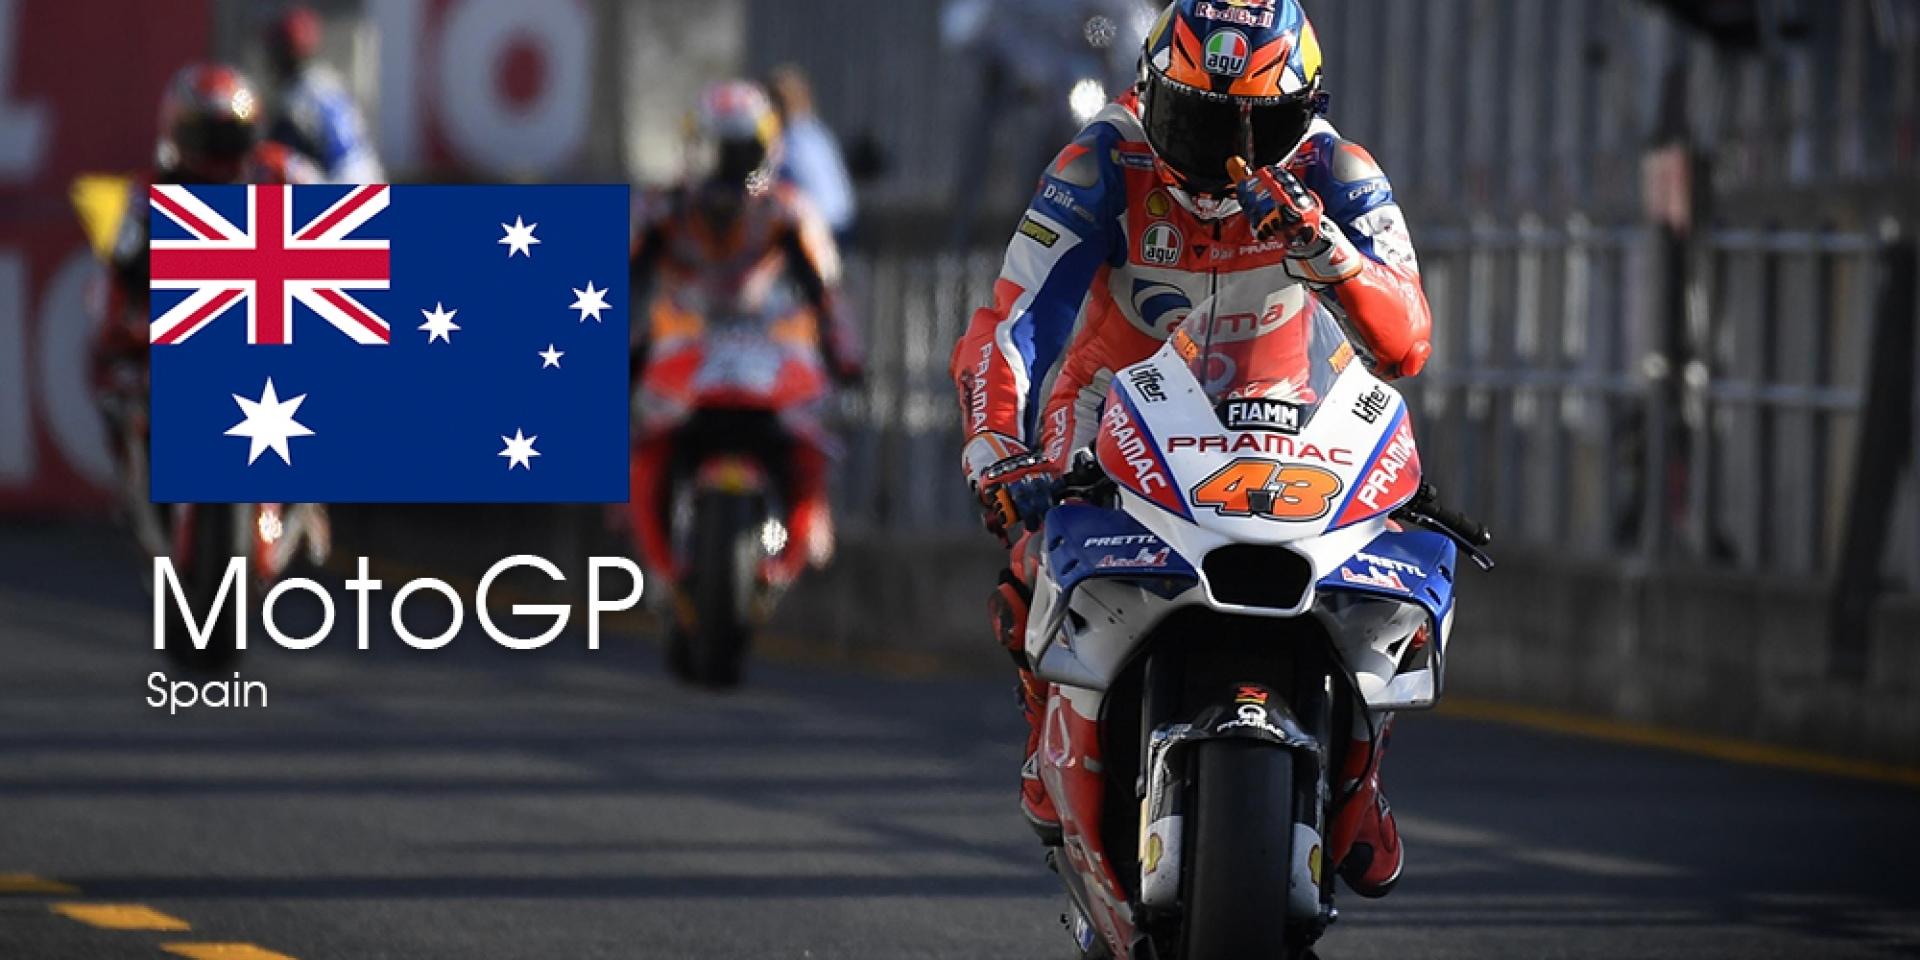 MotoGP 2018 澳洲站 轉播時間